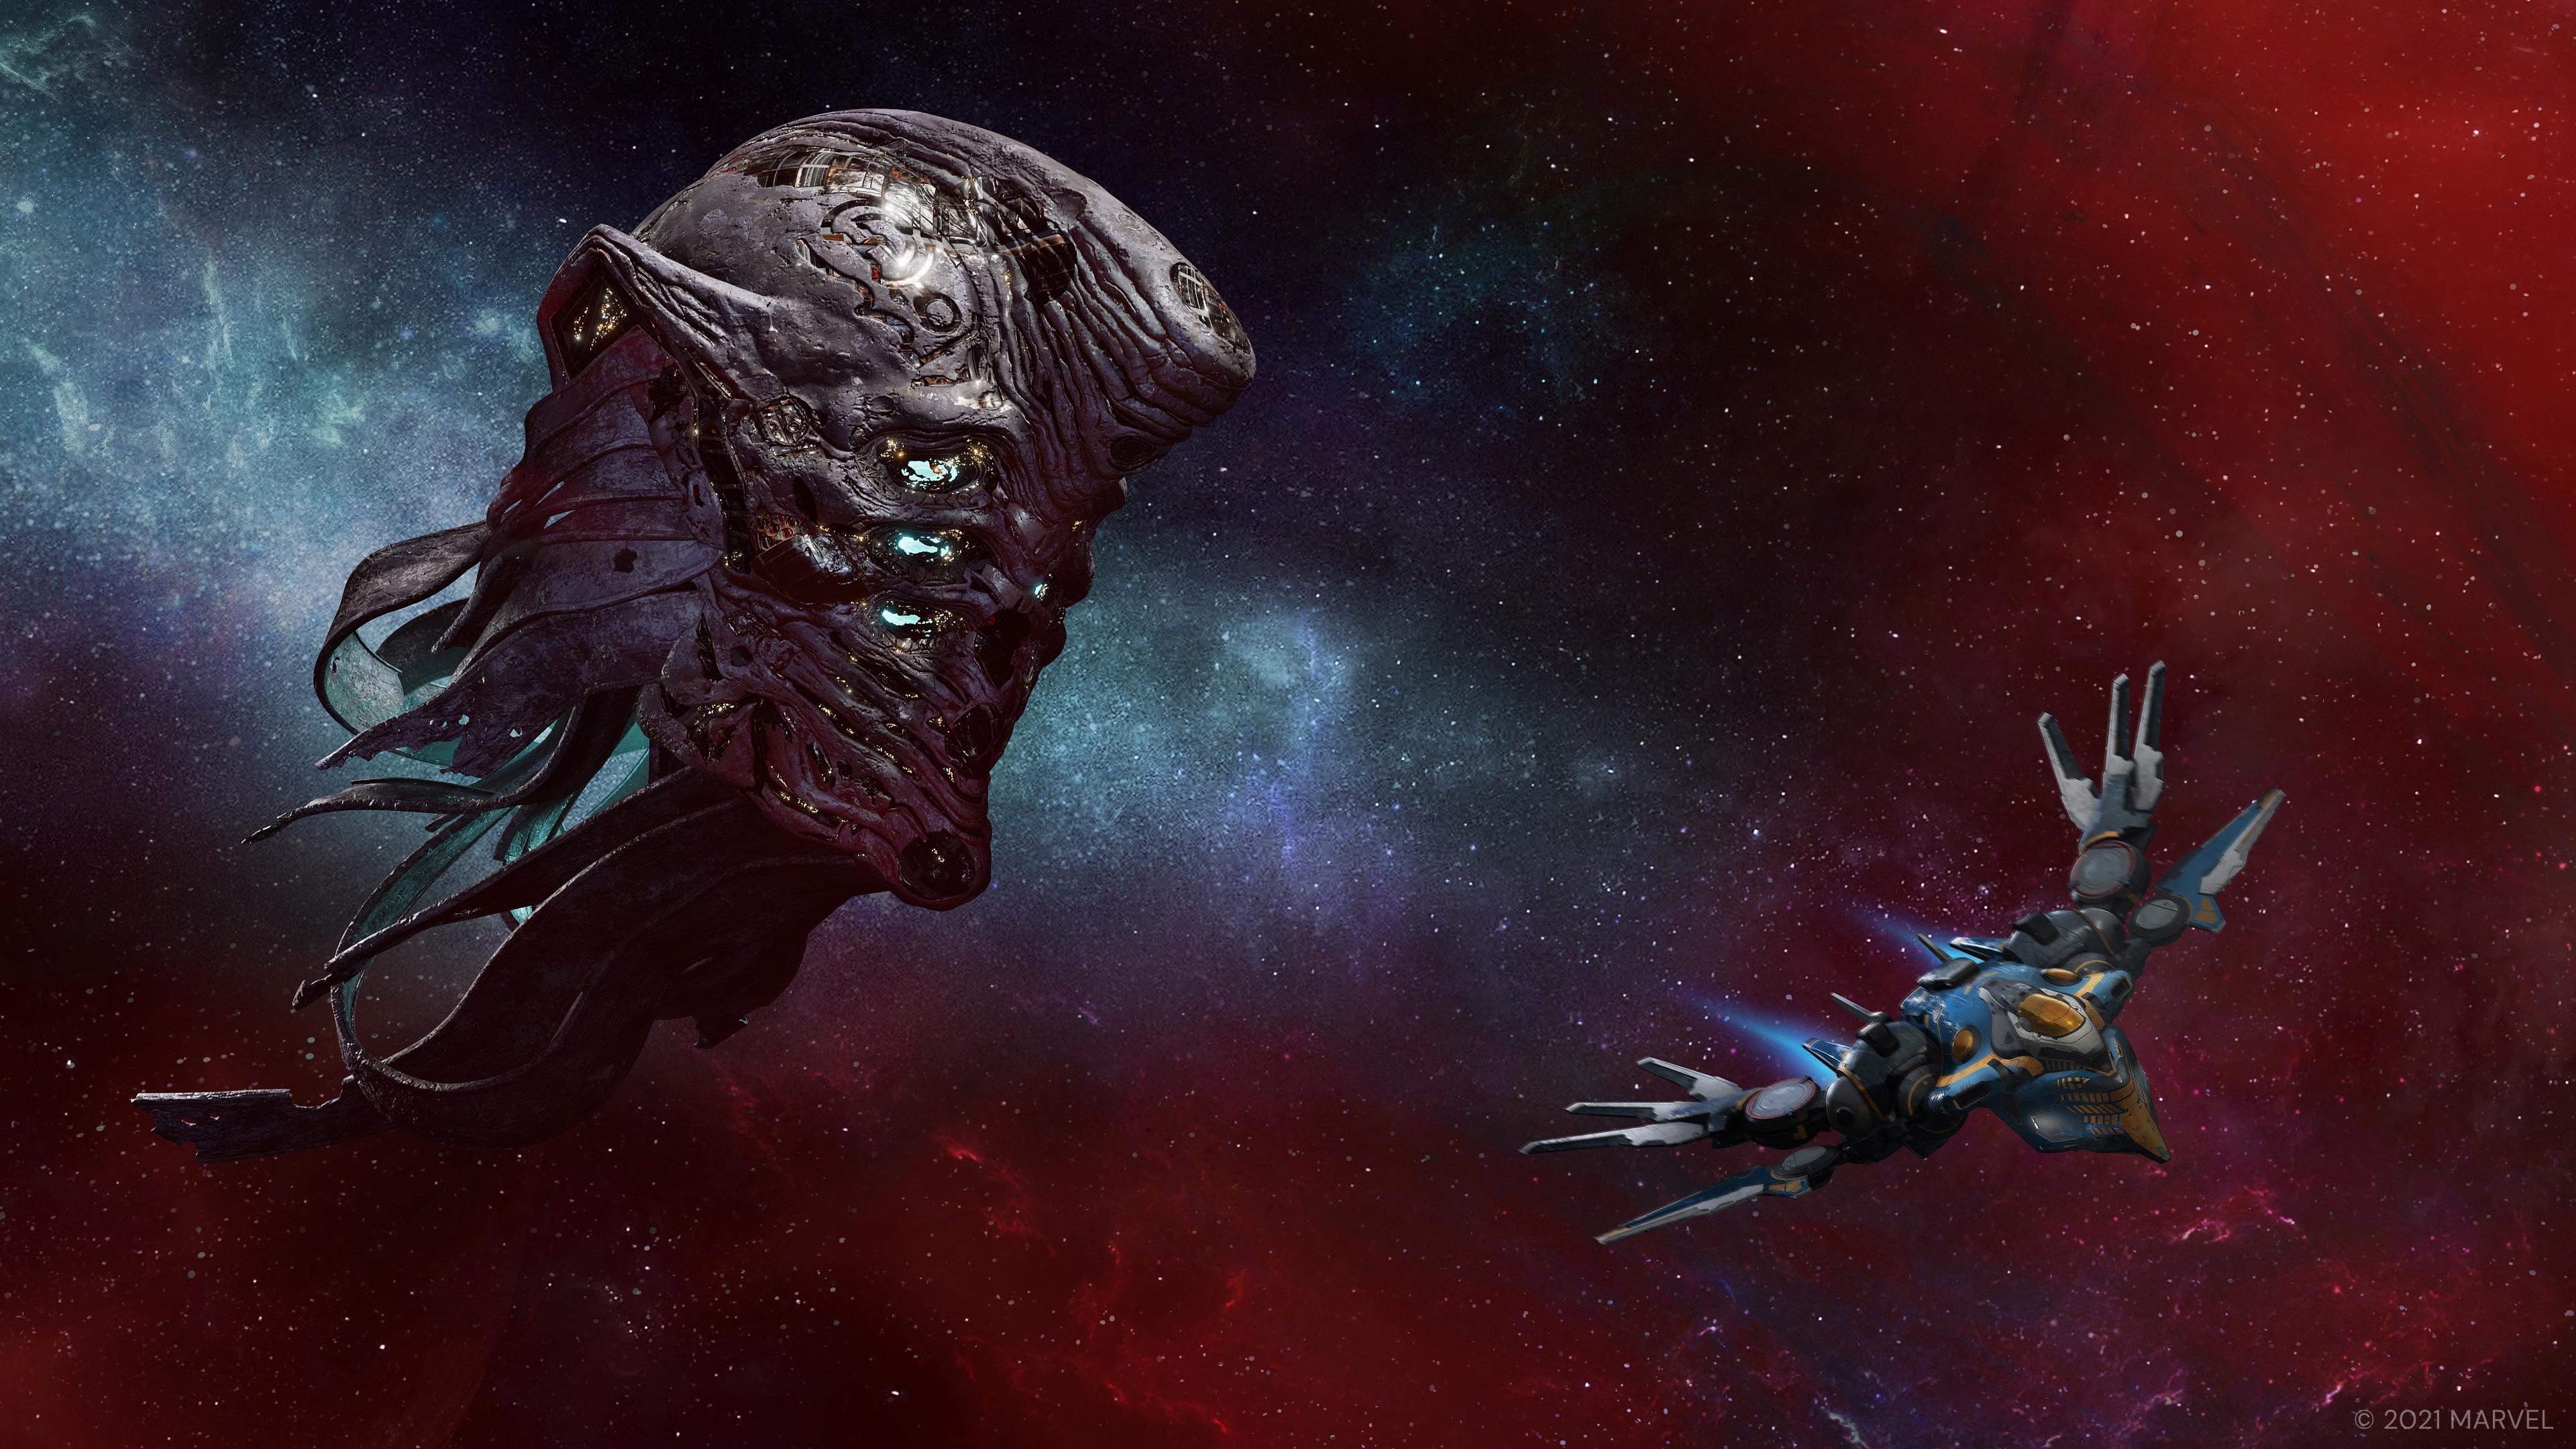 Скриншот №5 к «Стражи Галактики Marvel» цифровое издание Deluxe на PS4 и PS5